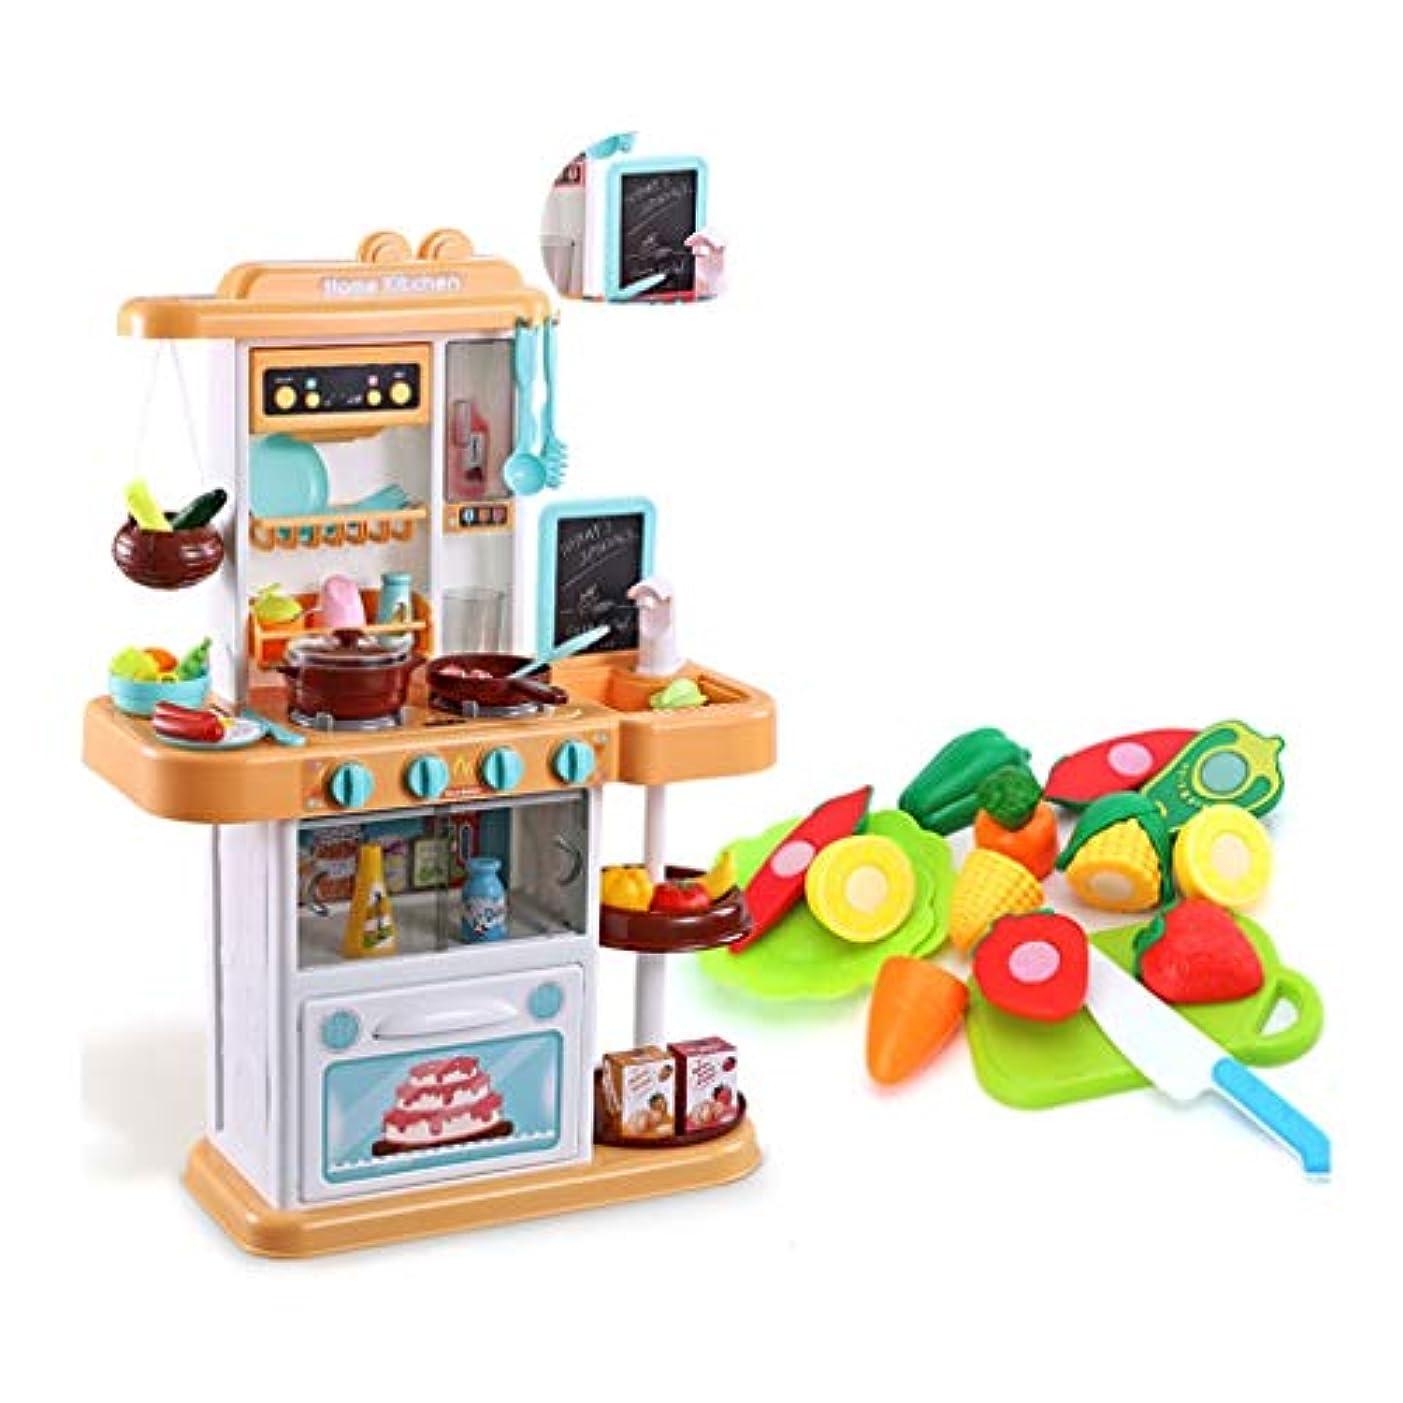 子犬感謝滑り台調理器具?食器 キッチンプレイセットプラスチックパズル子供の台所用品玩具教育用補助具本物のタップスチームで画板35アクセサリーギフト (Color : Yellow, Size : 48*20*74cm)